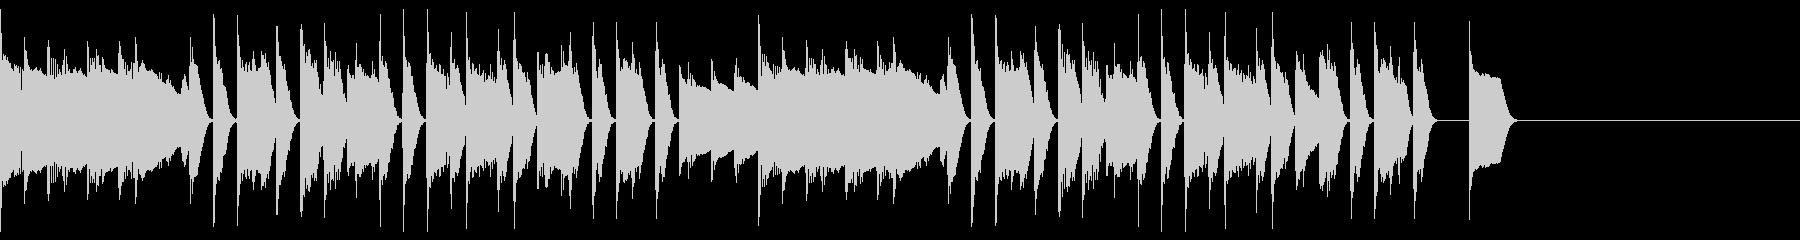 ほのぼのとしたピアノのジングル10の未再生の波形